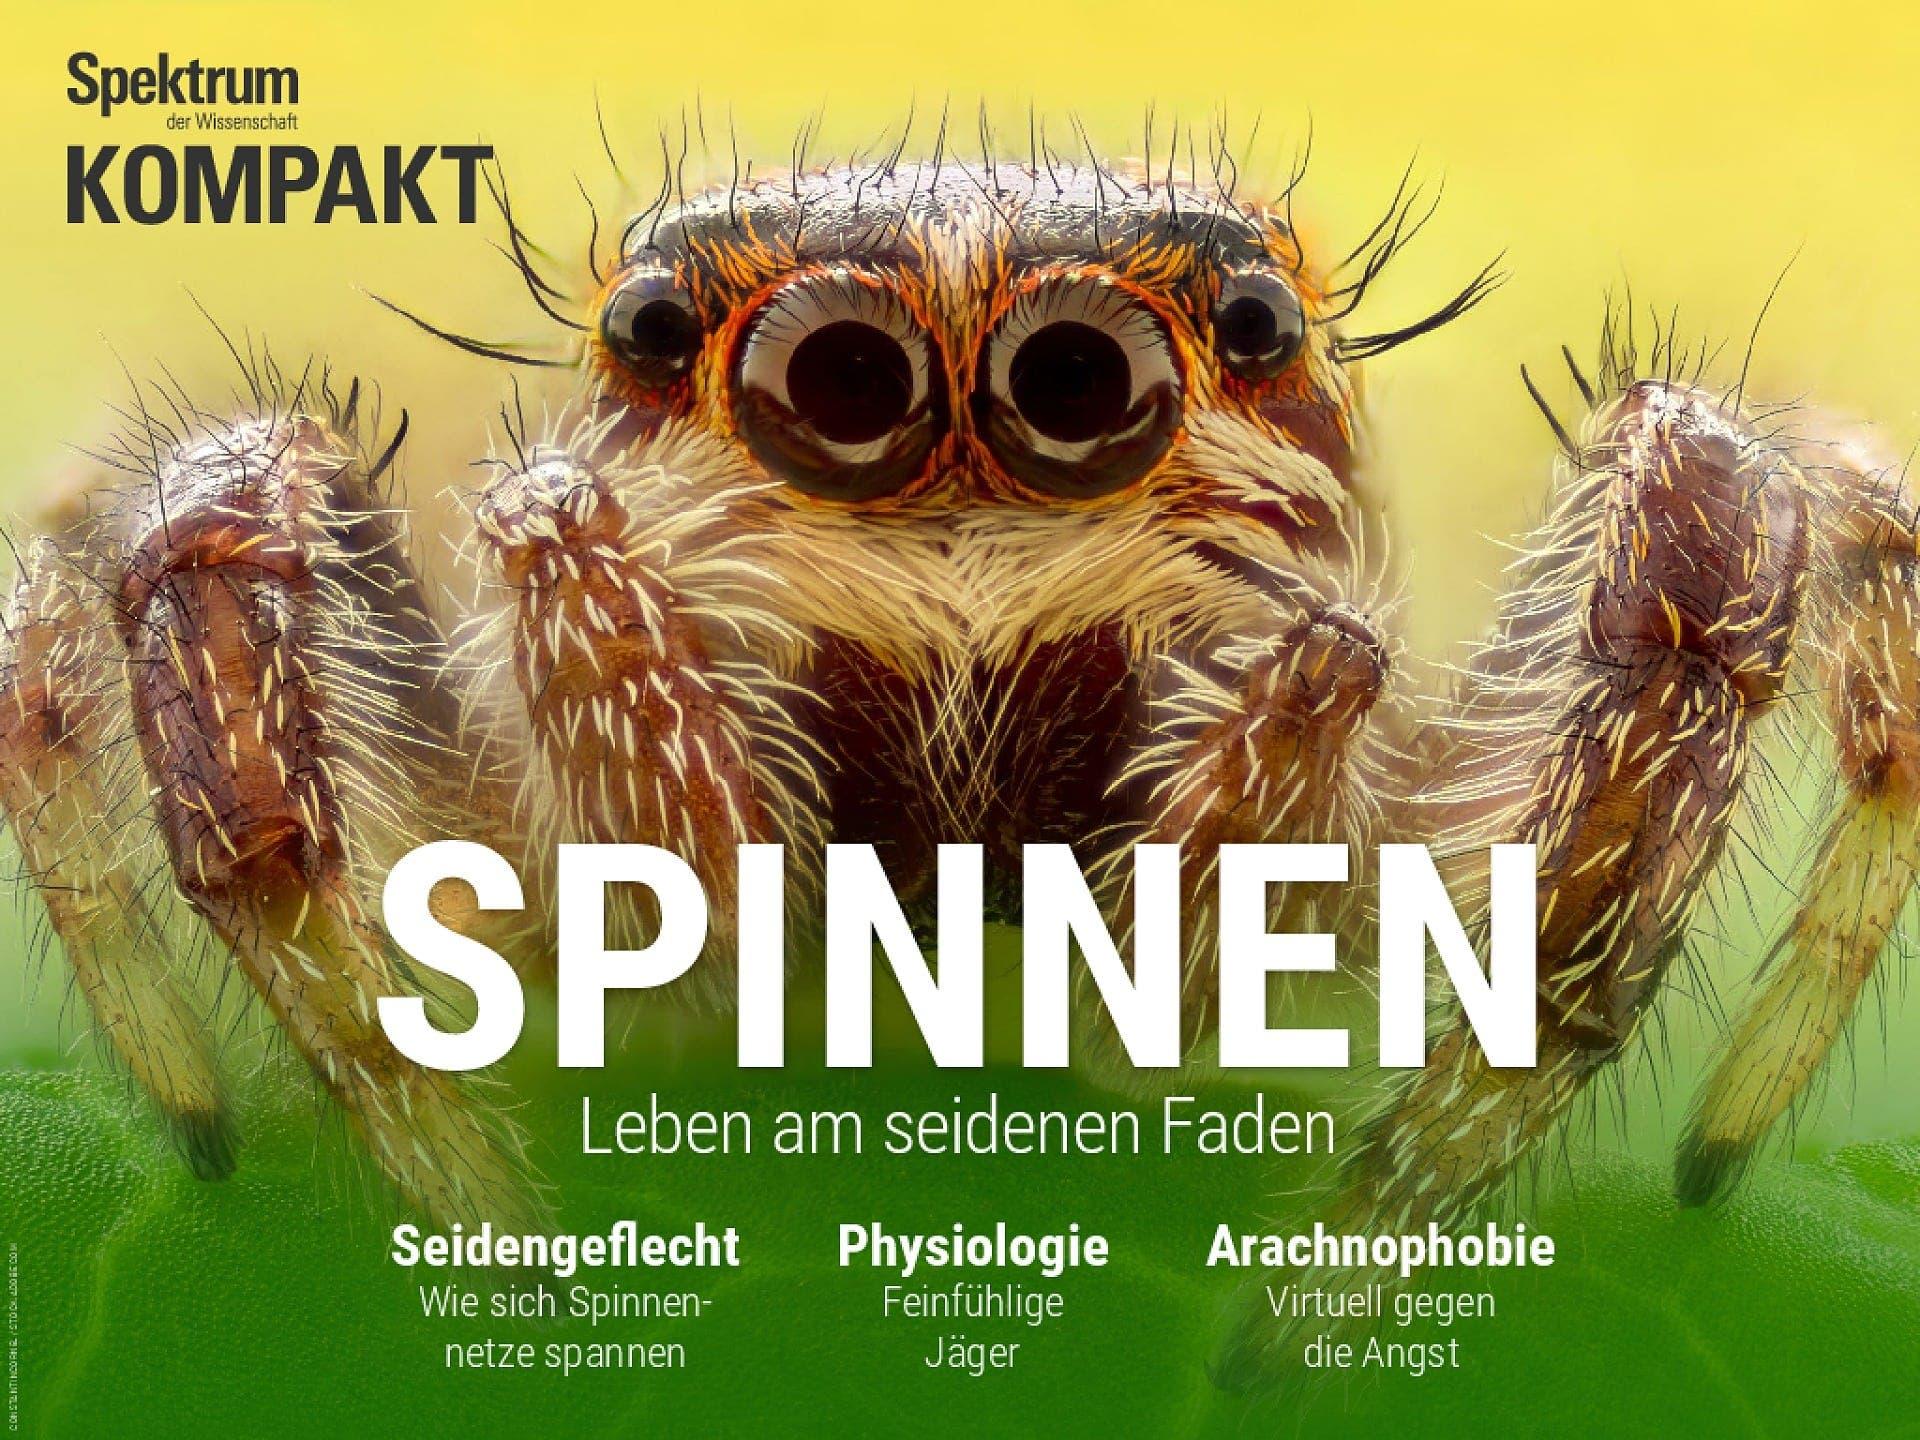 Spinnen - Leben am seidenen Faden